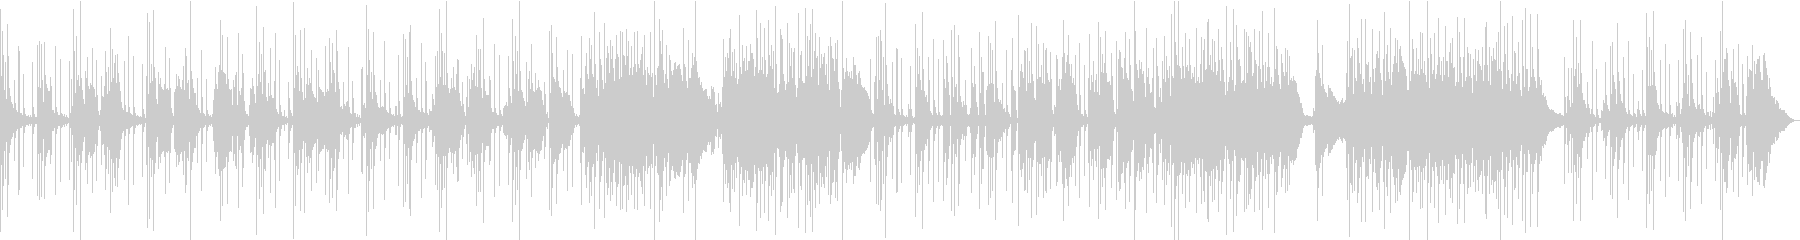 英詞UK的幻想サイケ12弦アコギバラードの未再生の波形